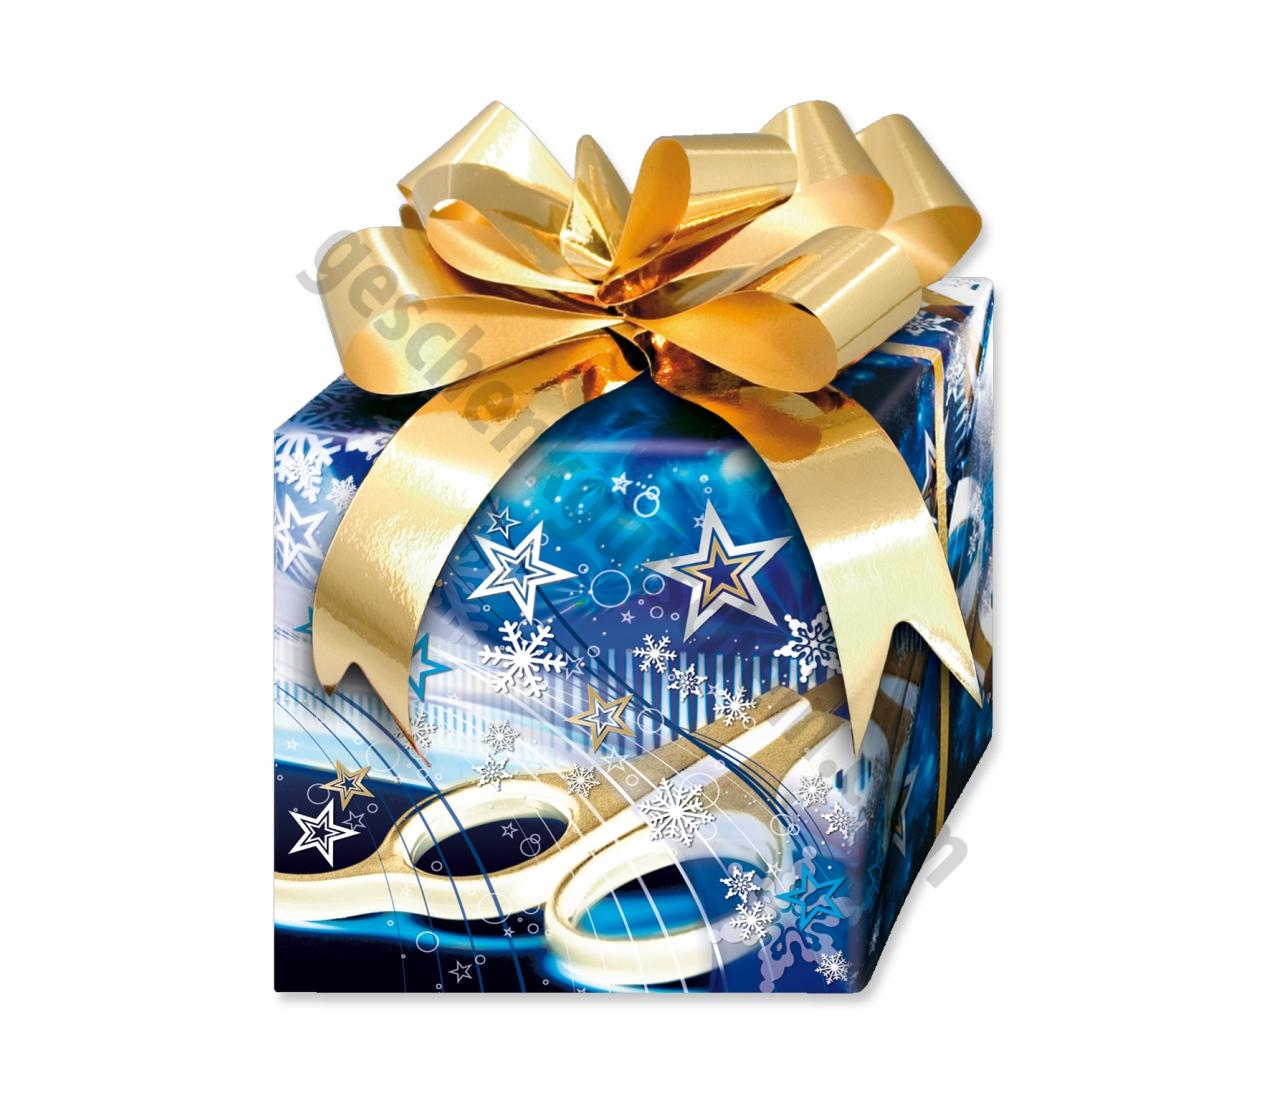 XK101 Weihnachtsgeschenk Dienstleistung   Geschenkgutschein.com ...